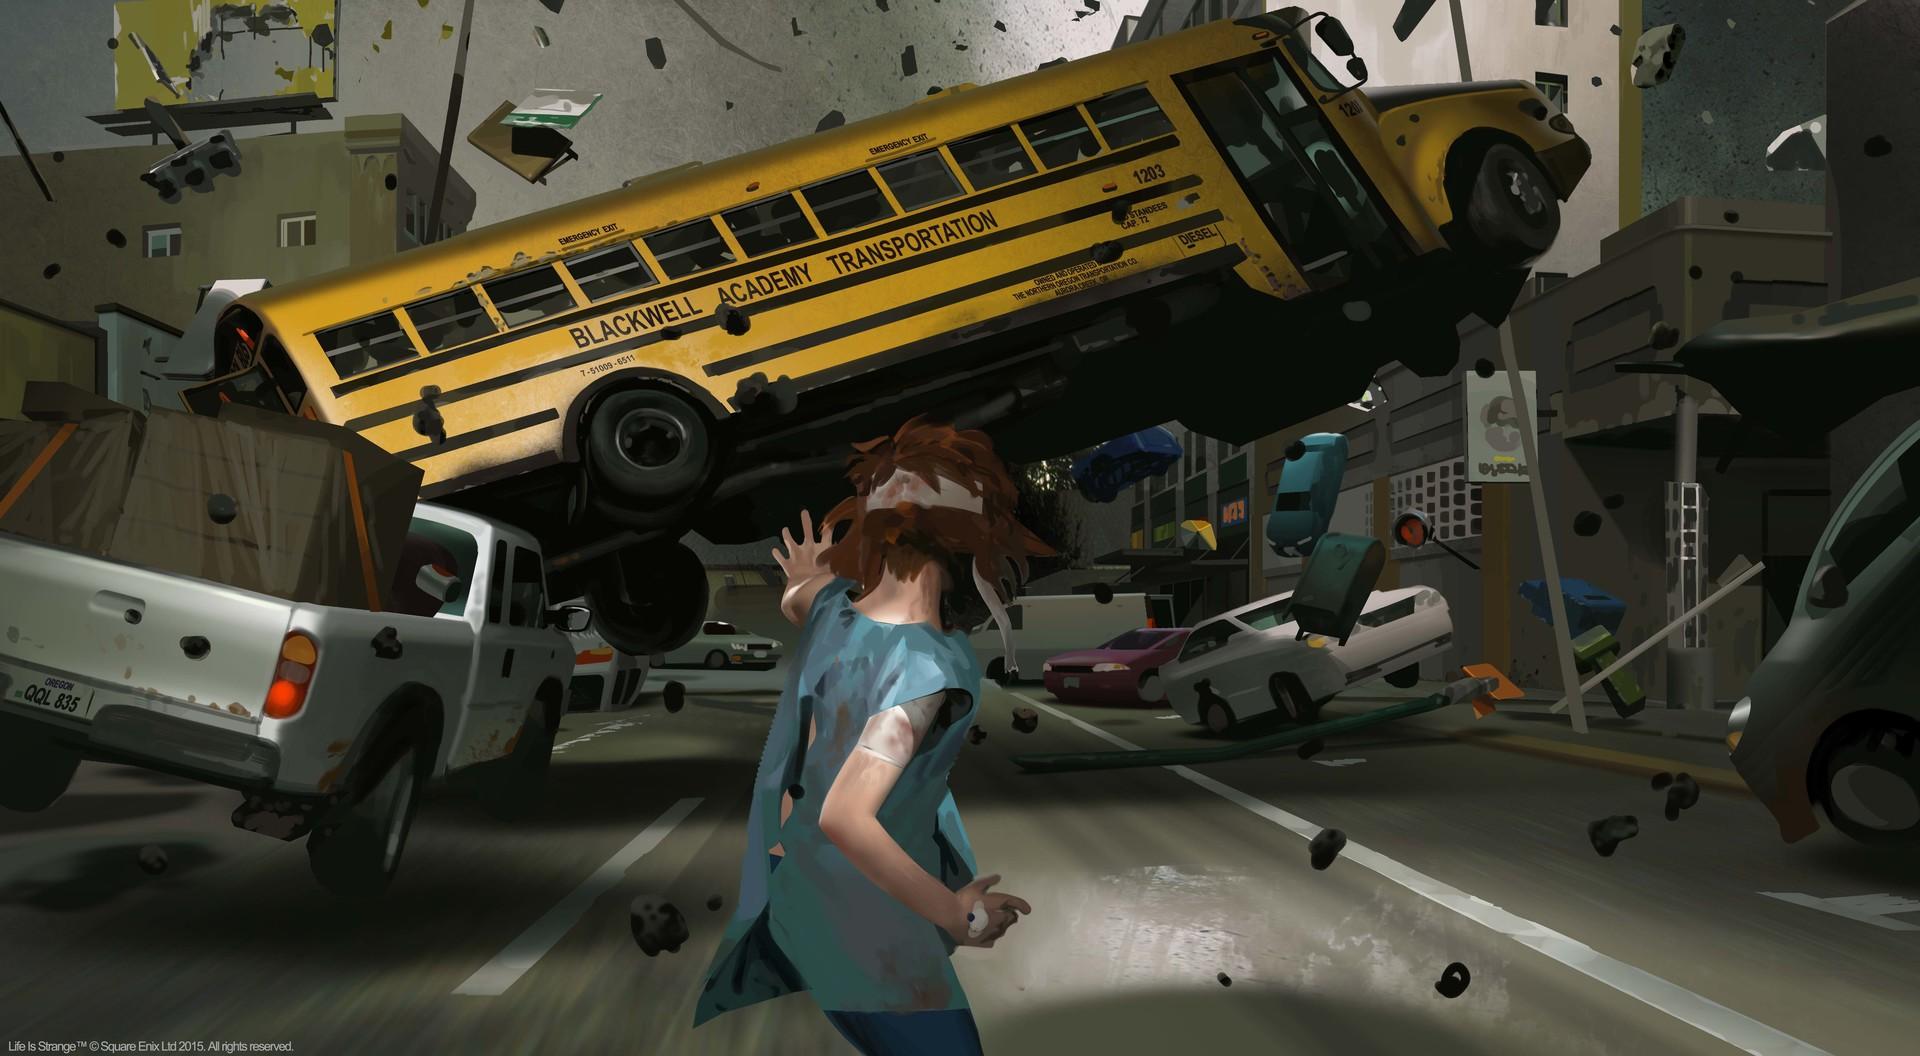 Взаимодействие с автобусом: концепт-арт игры Life is Strange (2015)